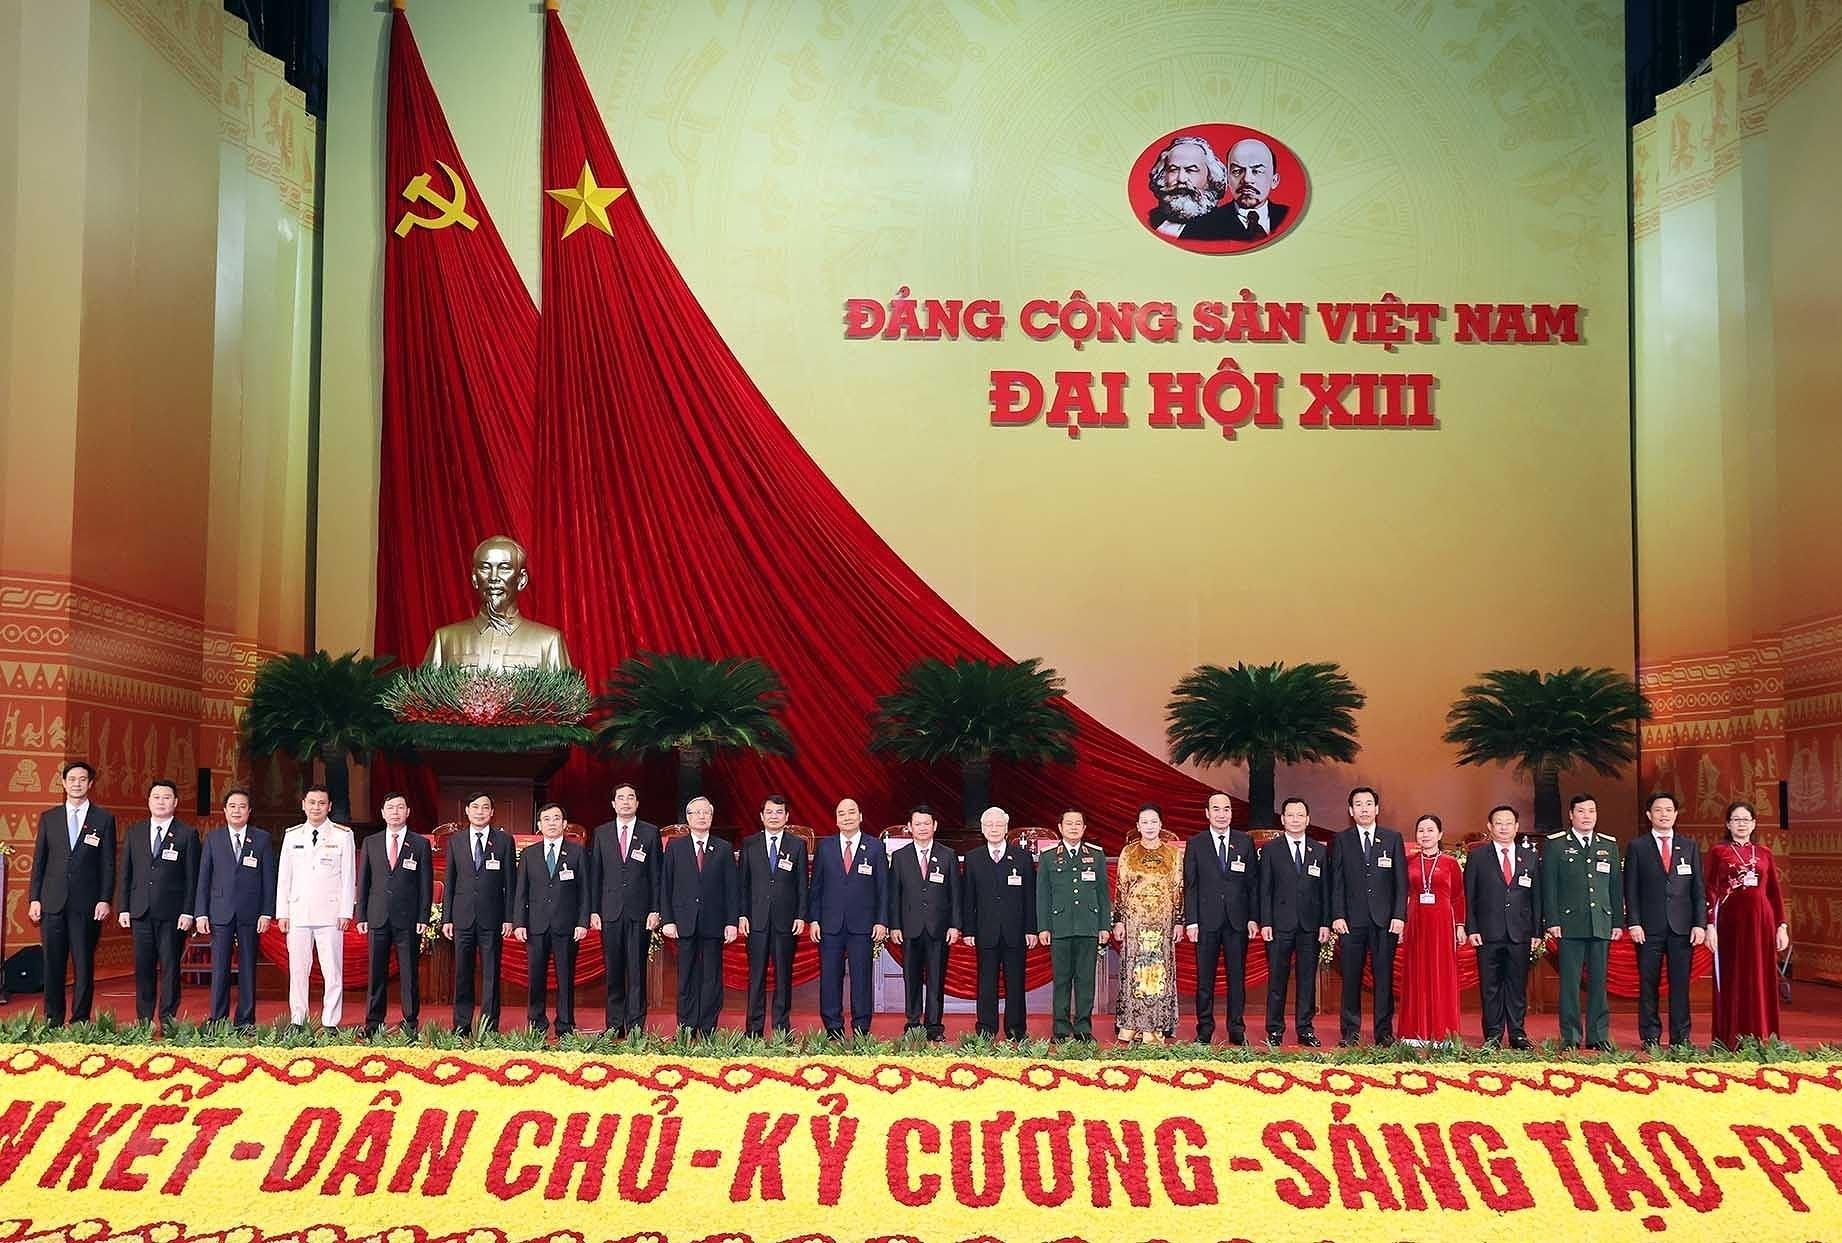 [Photo] Ngay lam viec thu nam Dai hoi lan thu XIII cua Dang hinh anh 14